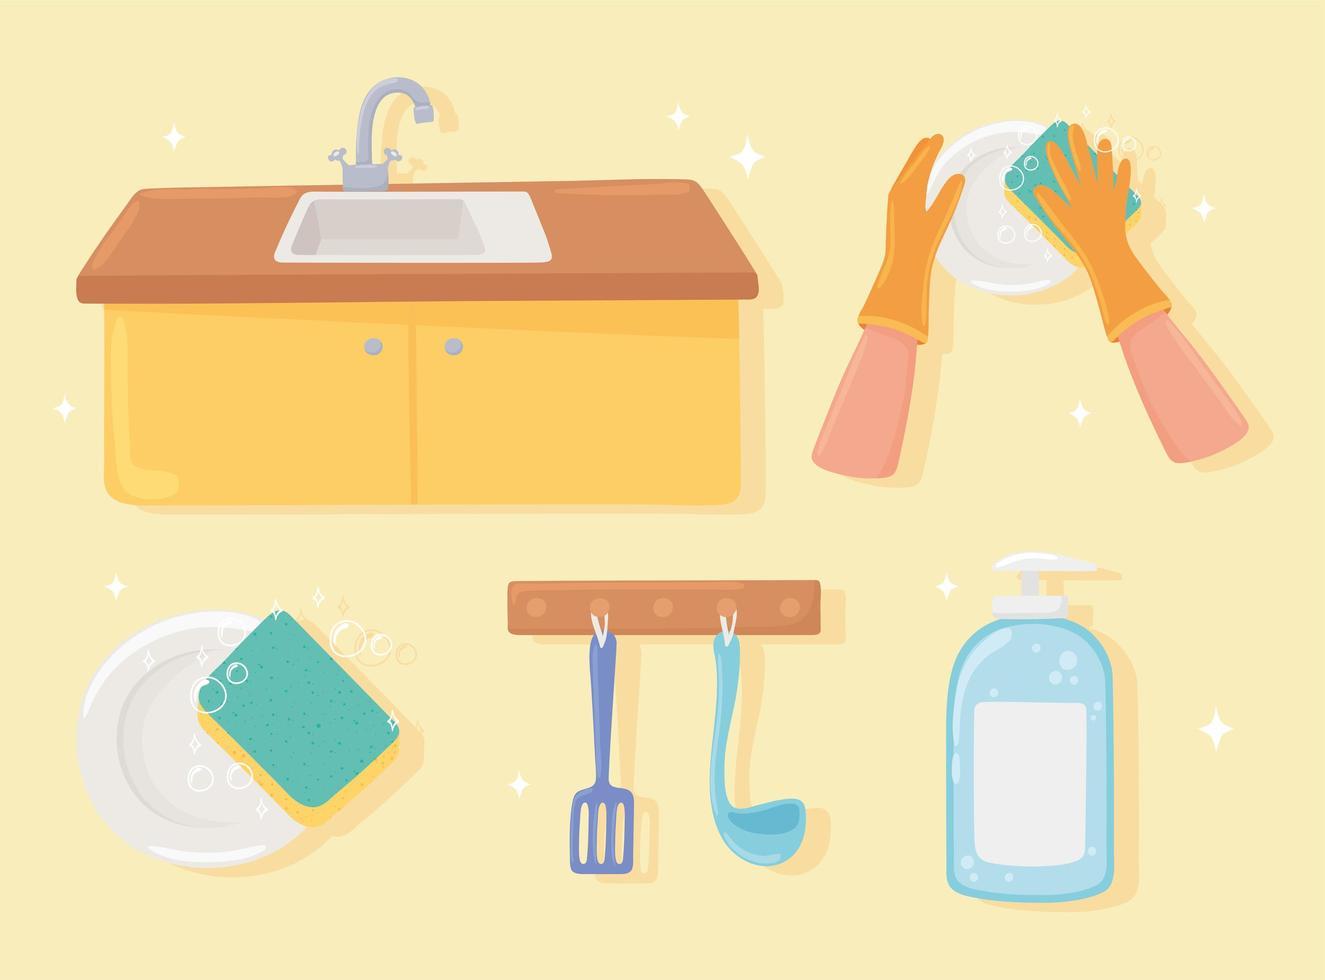 conjunto de ícones de lavagem de cozinha vetor